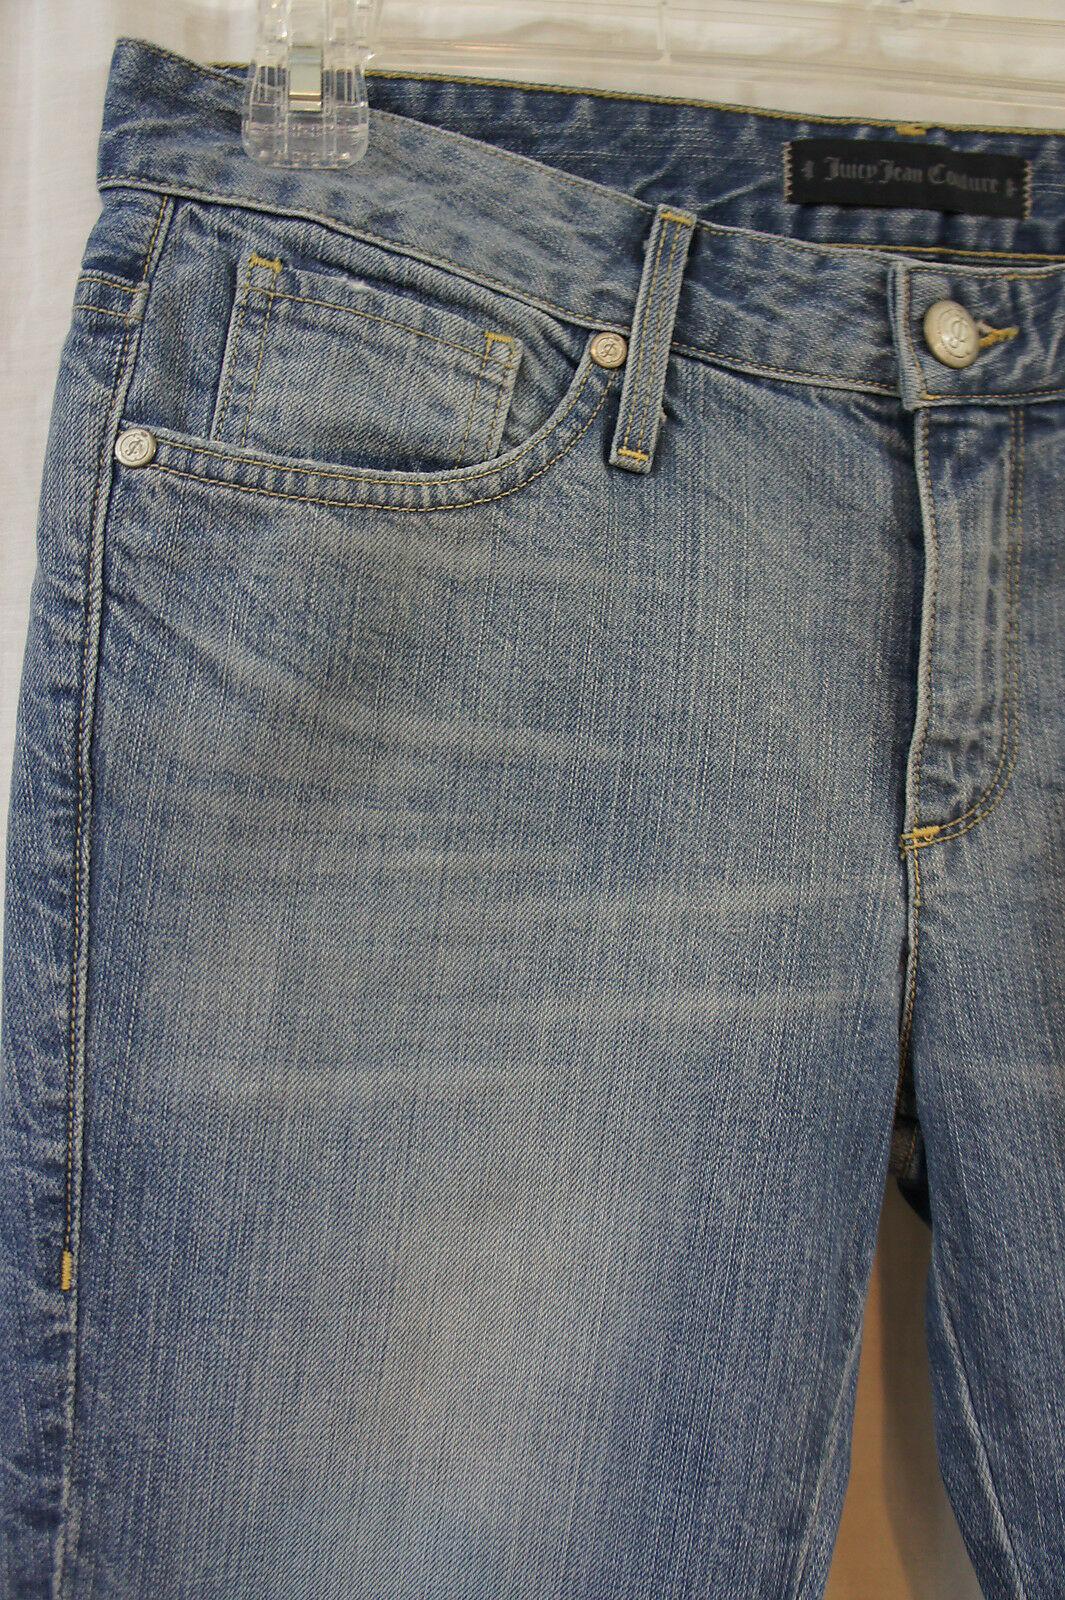 Juicy Jean Couture Sz 27 S Cydell Lavage Relax Étroit Capri Court Décontracté image 3